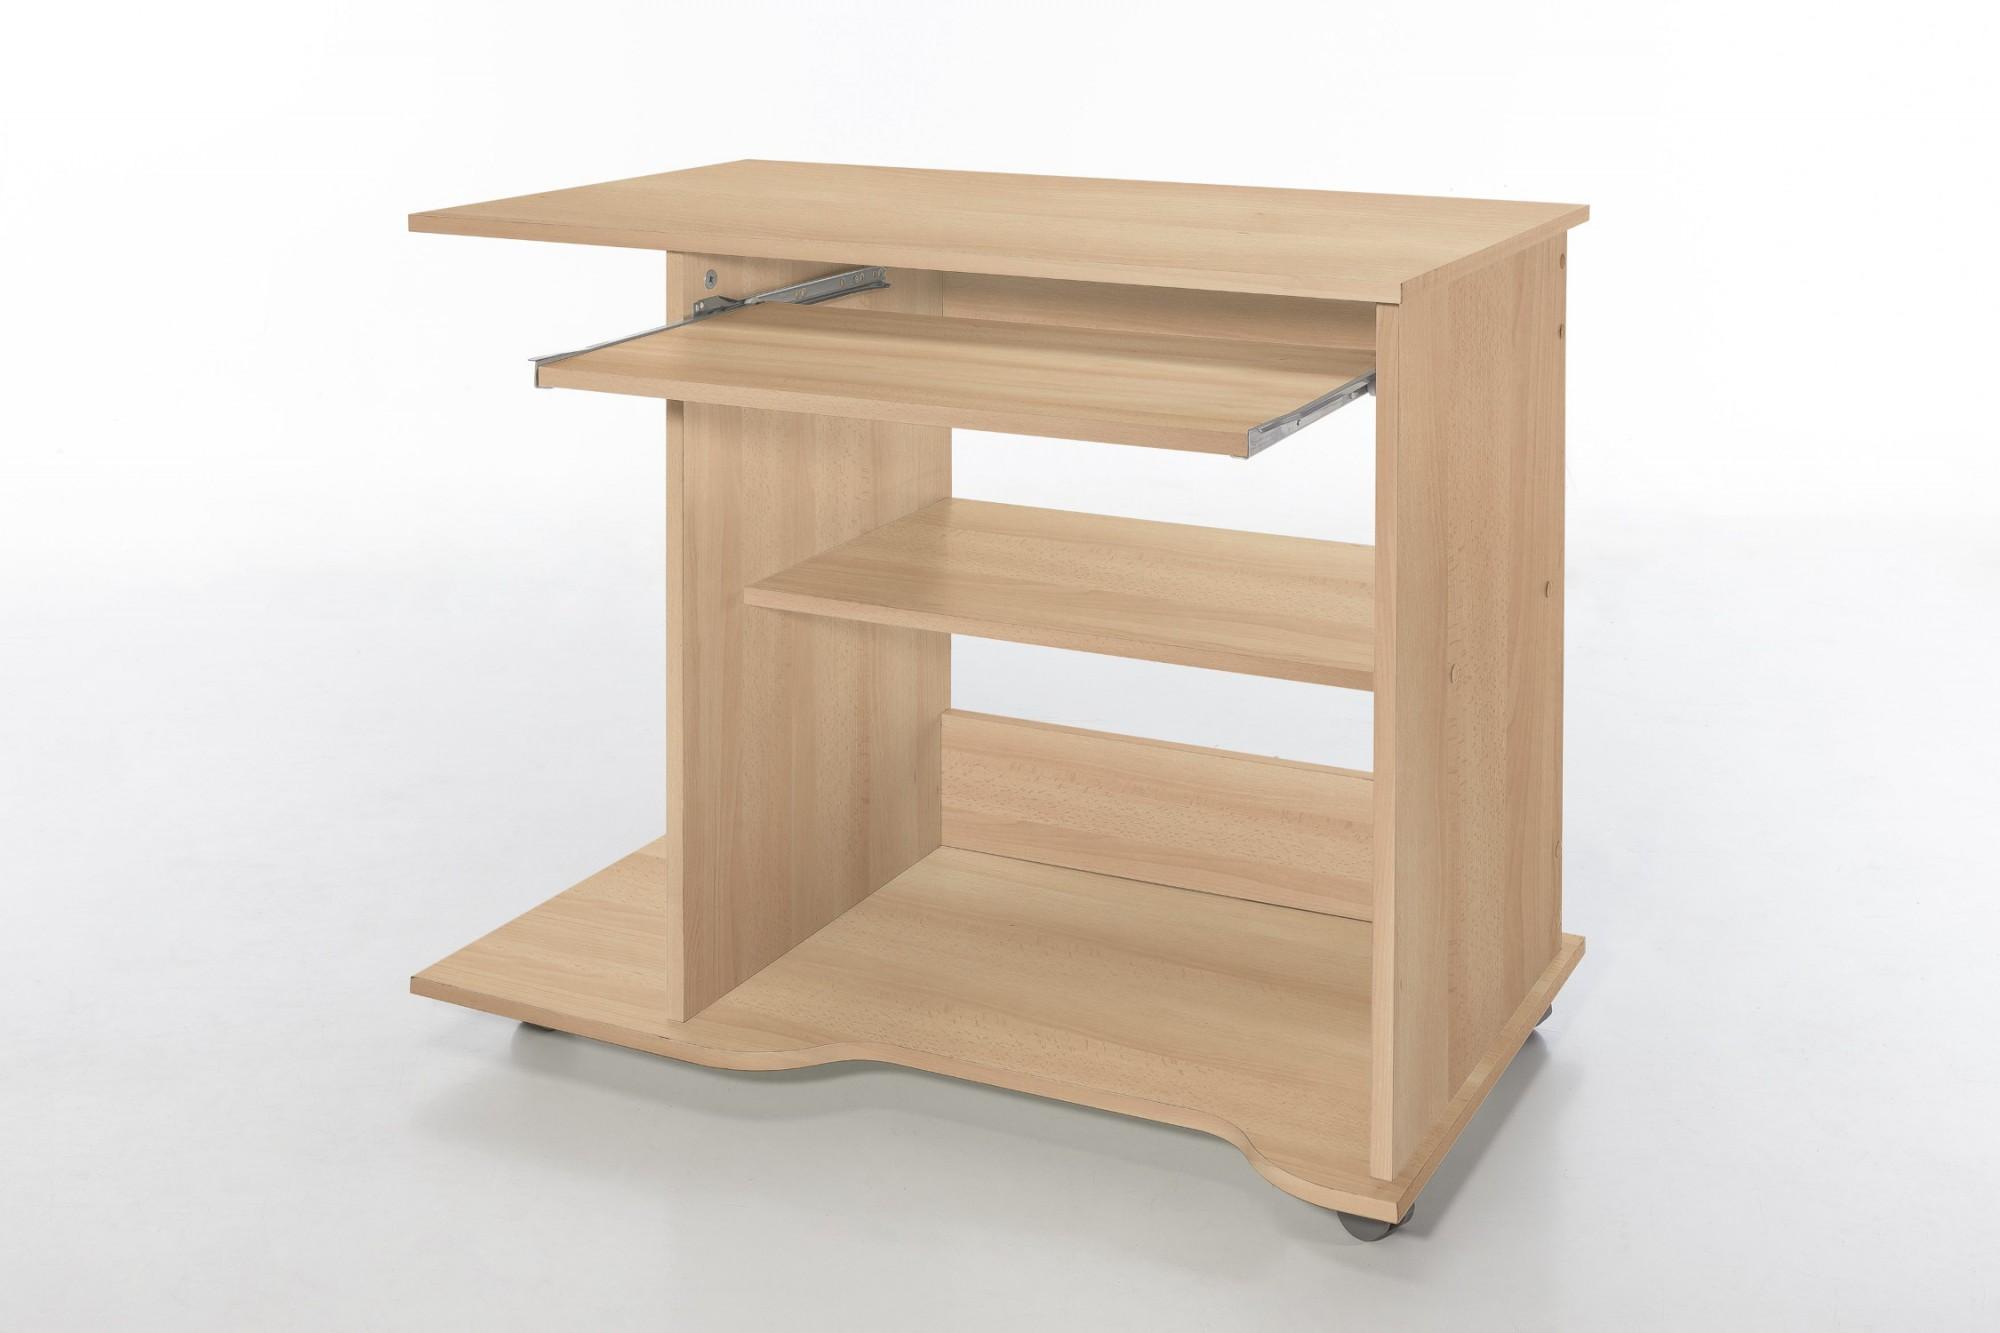 Pc schreibtisch tom 80 cm breite buche wohnen office for Schreibtisch weiss 1m breit